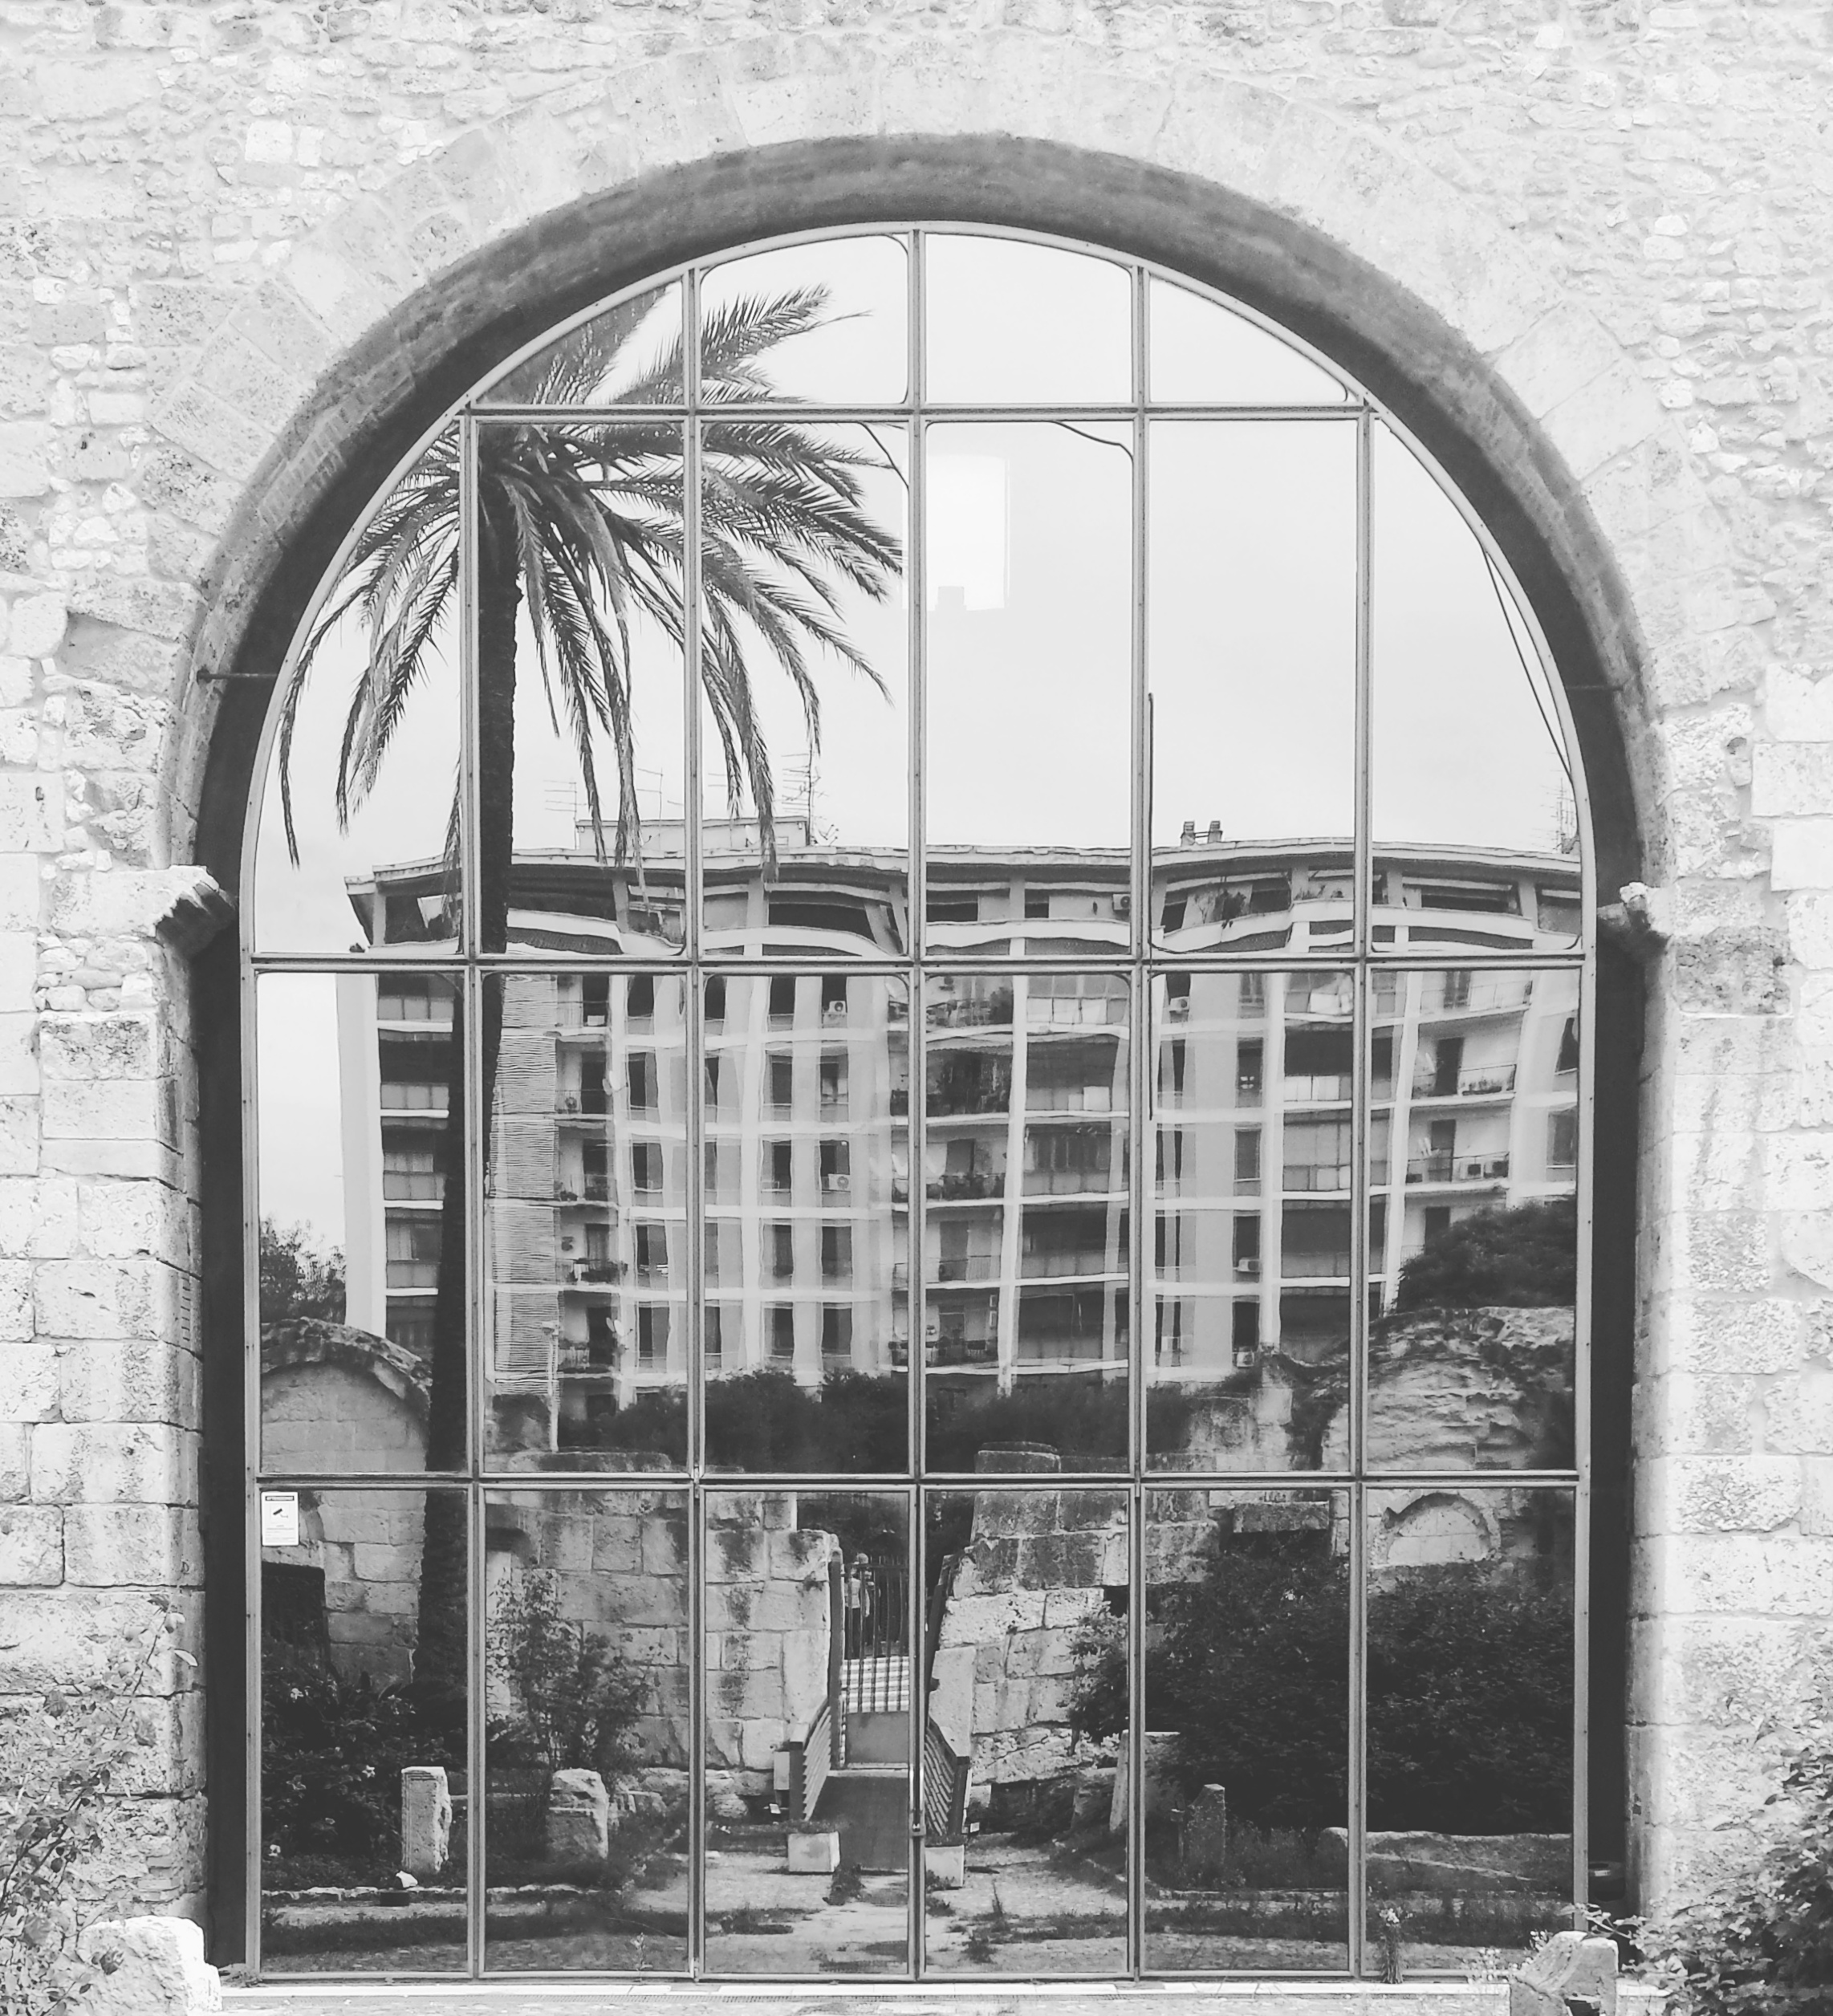 Cagliari Monumenti aperti 2018 | Cultura senza barriere - Visita/Spettacolo in LIS alla Basilica di San Saturnino _ Facciata della Basilica di San Saturnino